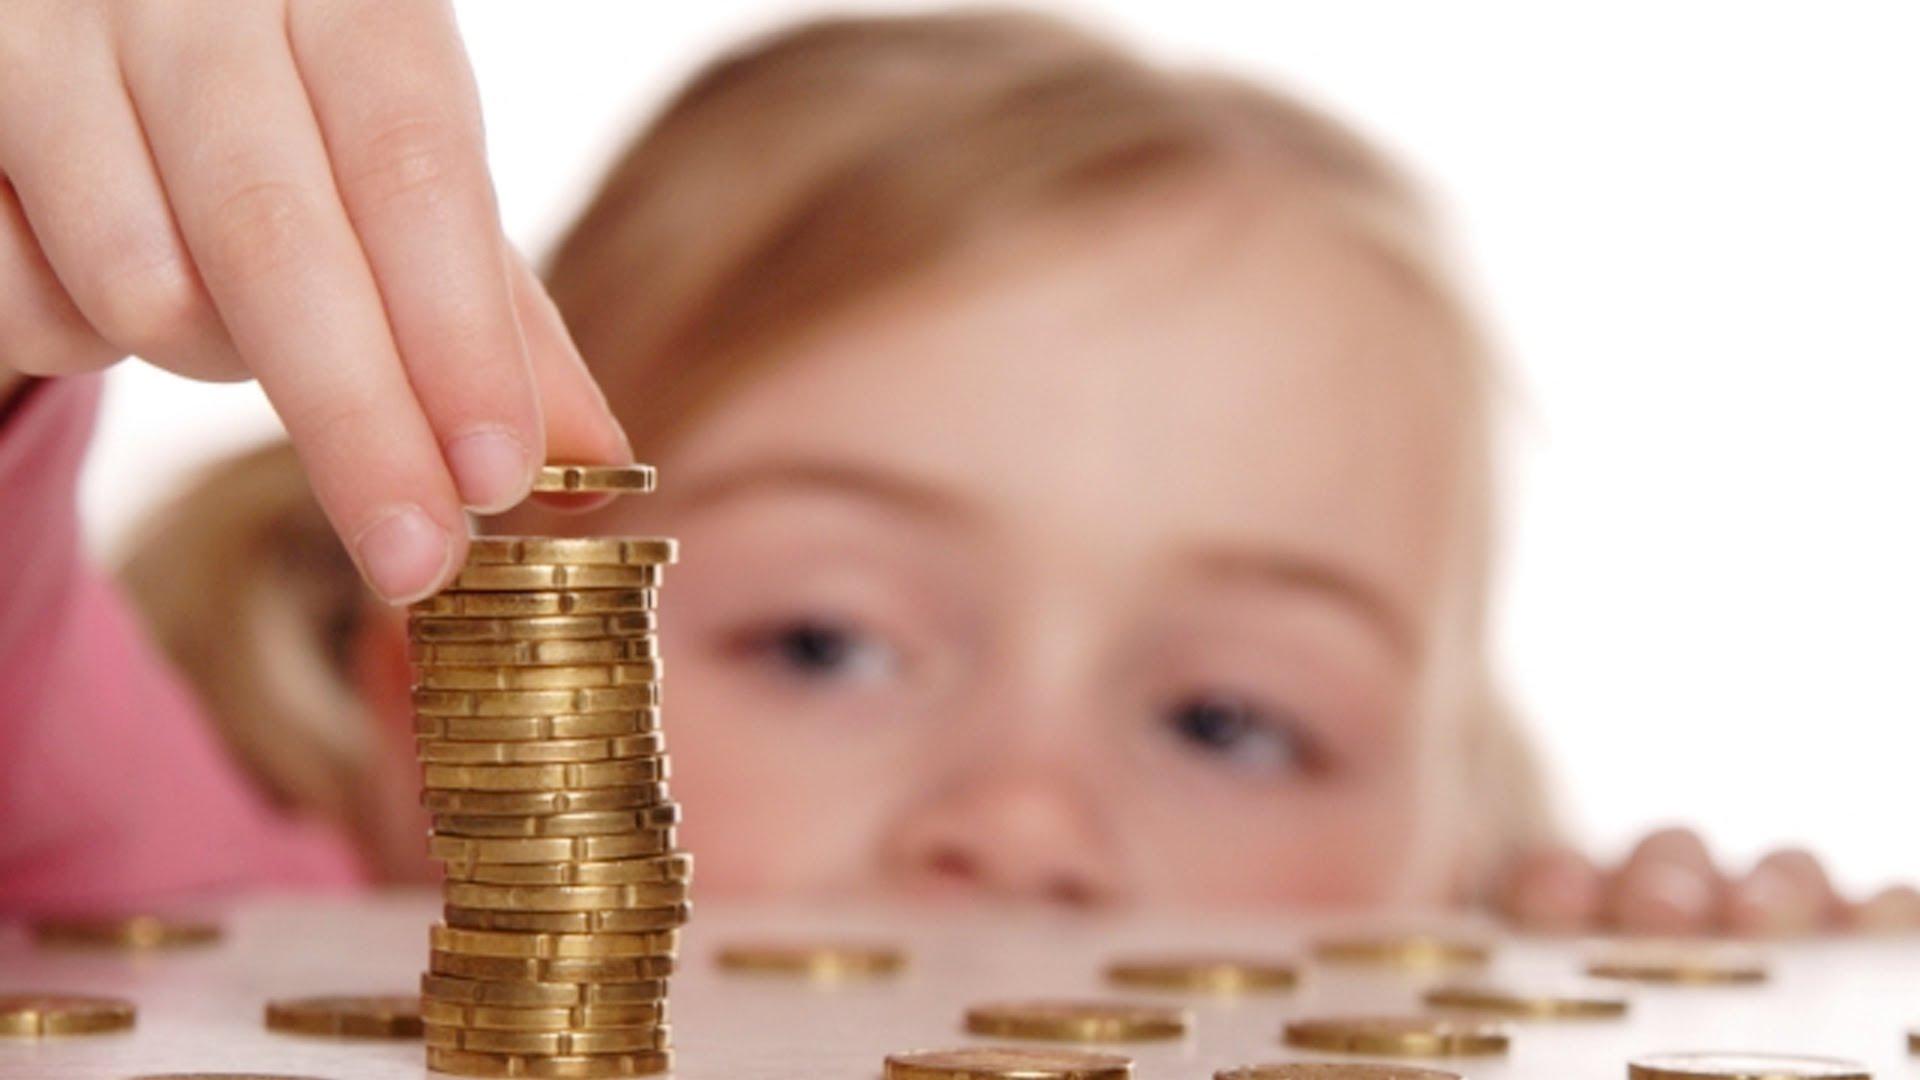 Какие вычеты на детей по НДФЛ в 2020 году существуют